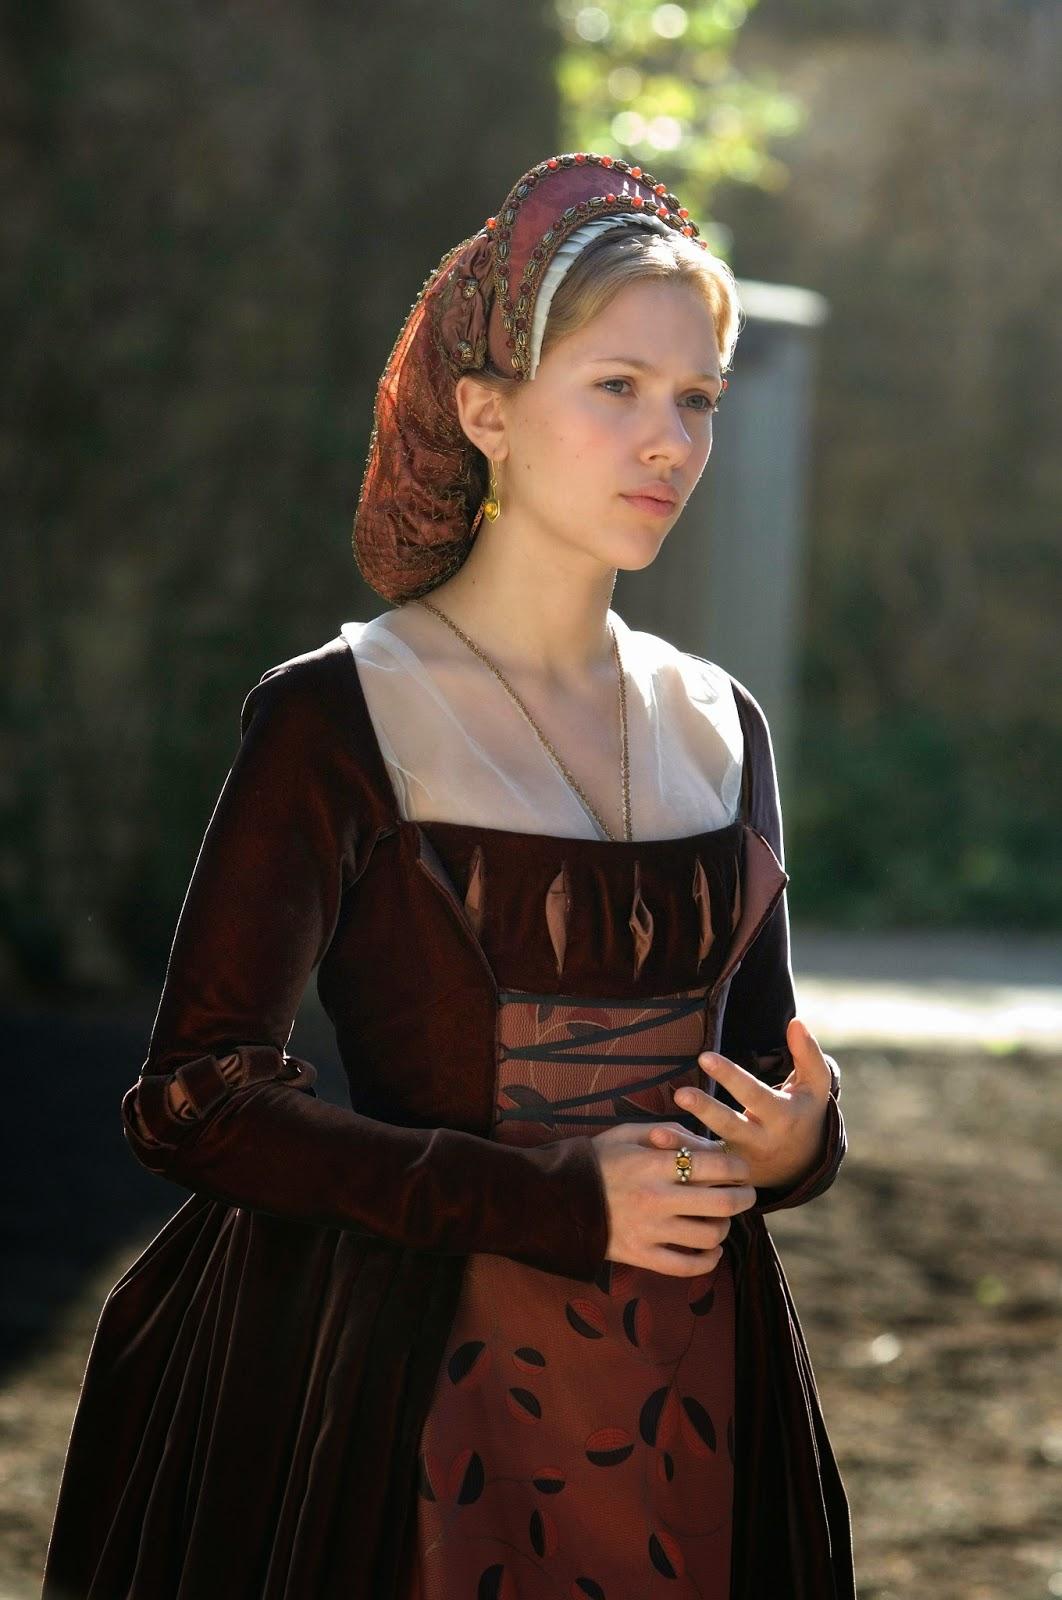 The Other Boleyn Girl: A look into the \